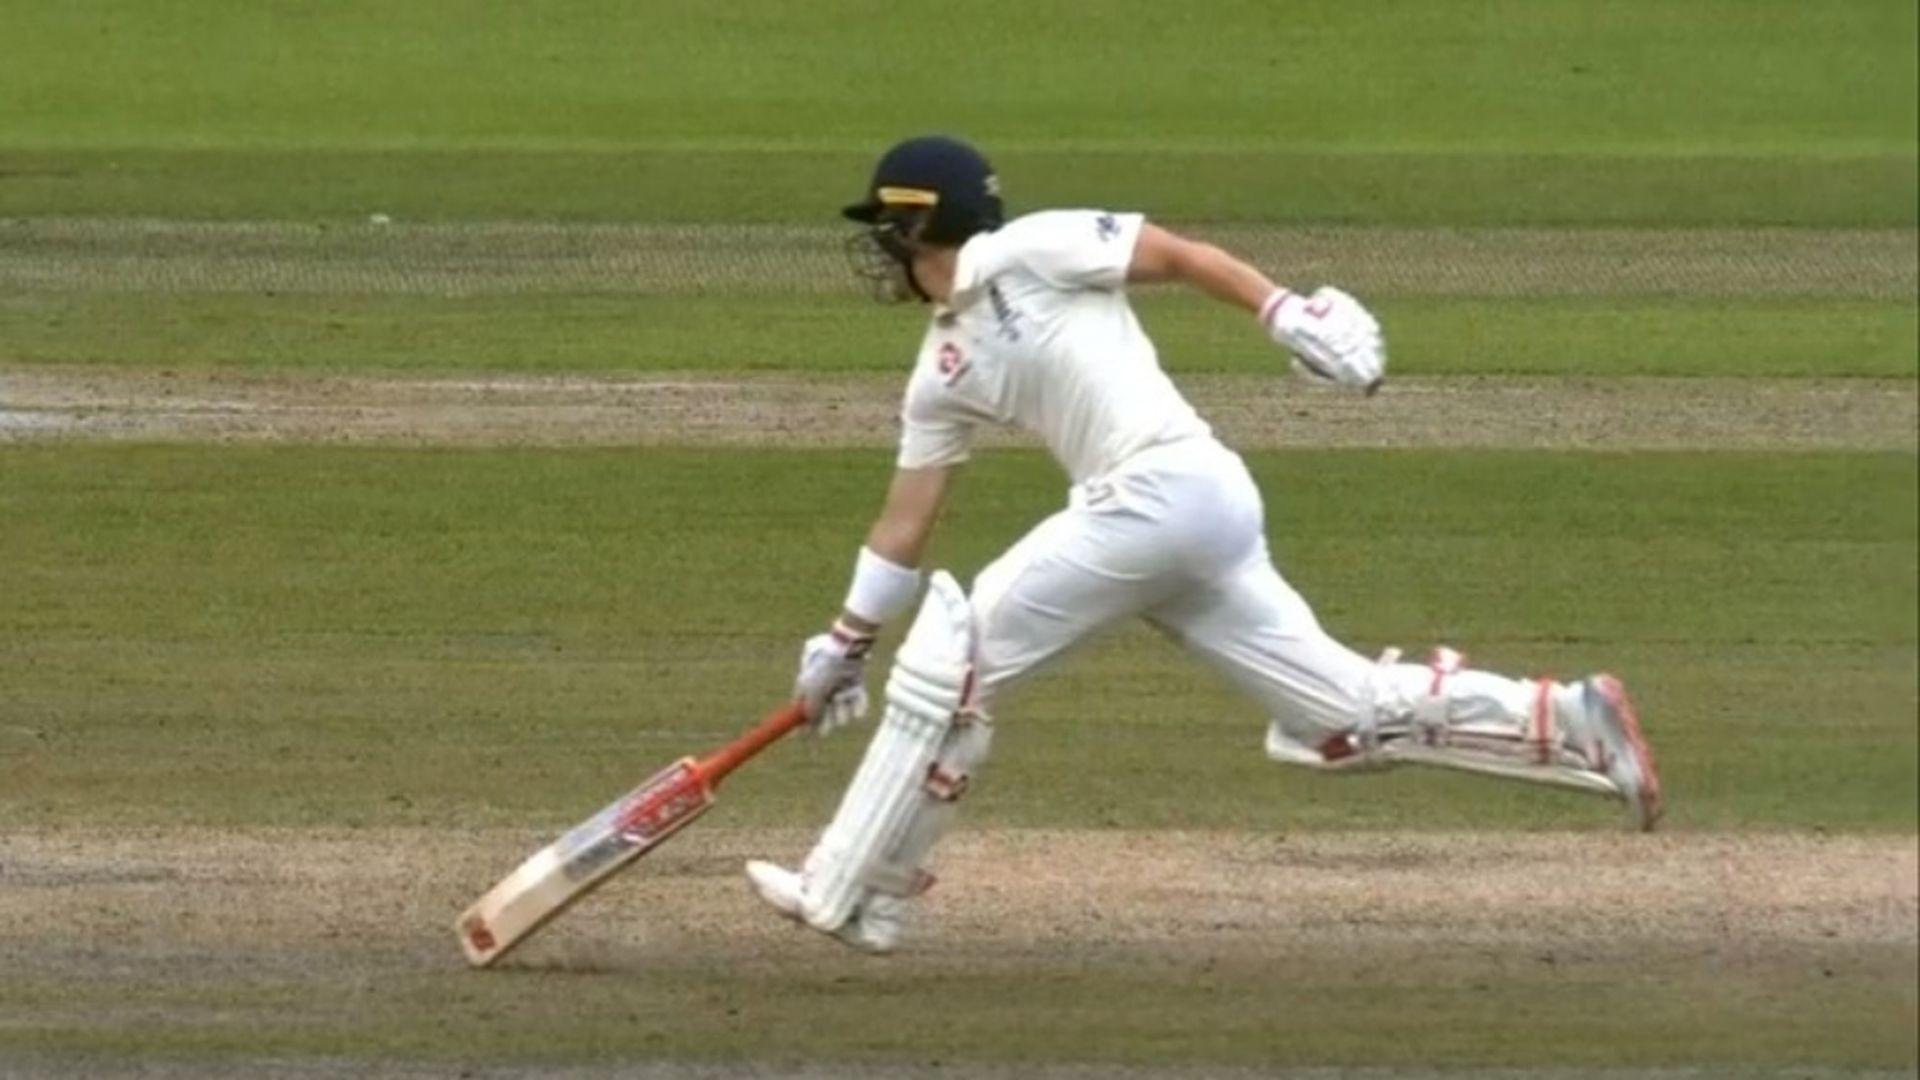 क्या अब टेस्ट मैच 5 दिन के बजाय 4 दिन ही खेला जाएगा